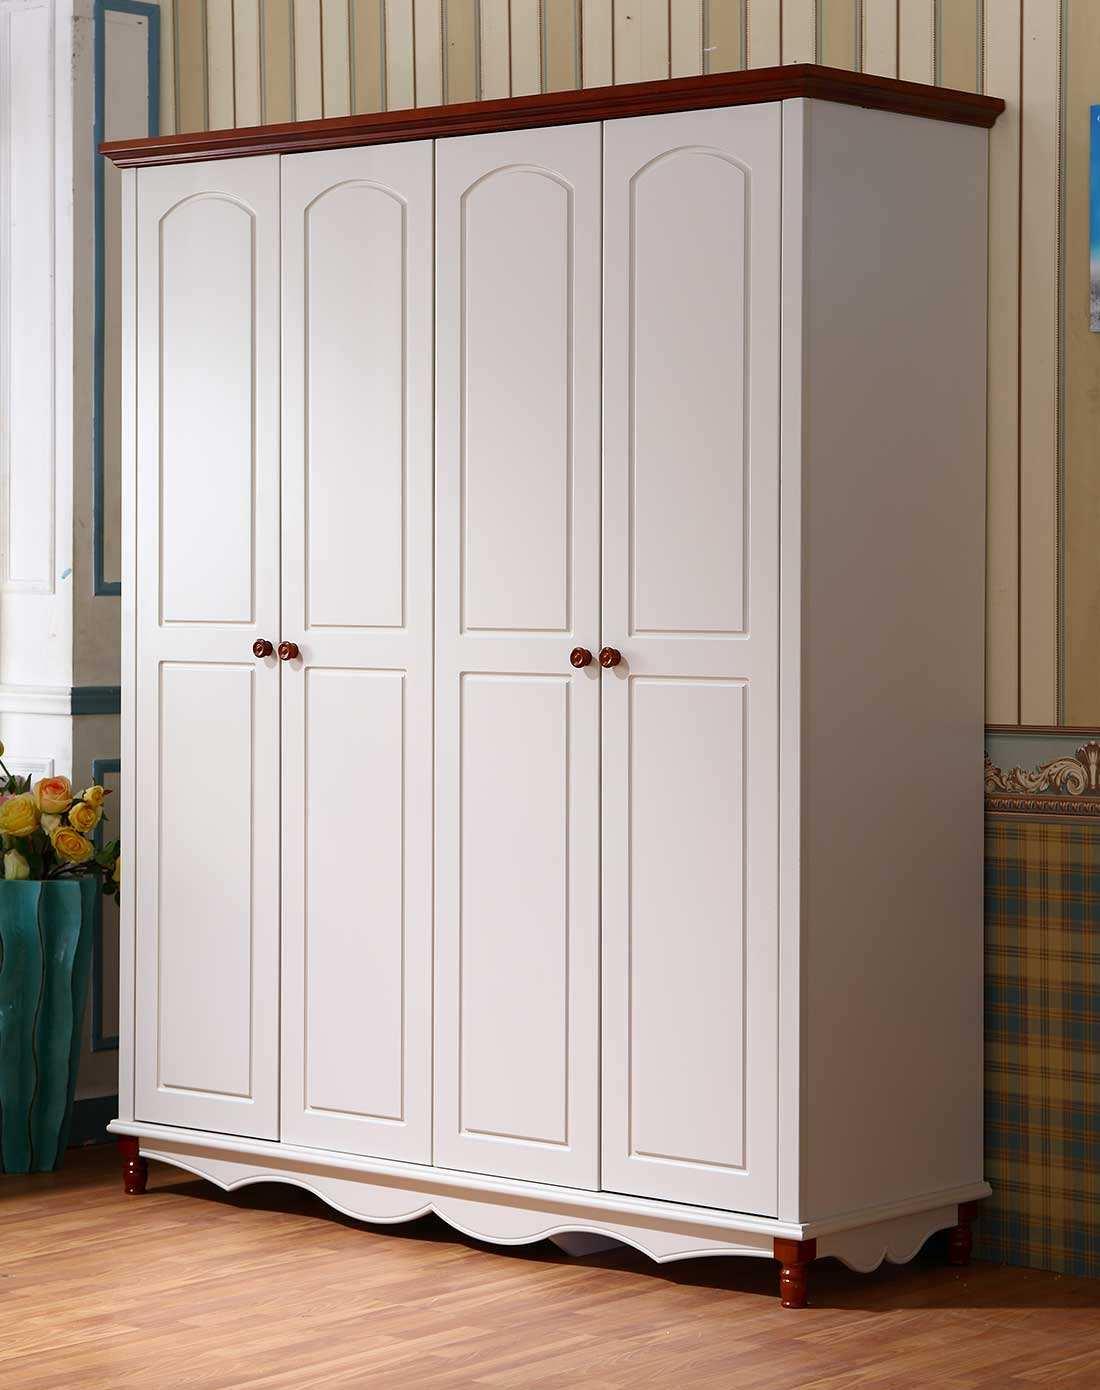 大神说说衣柜可以对着门放吗